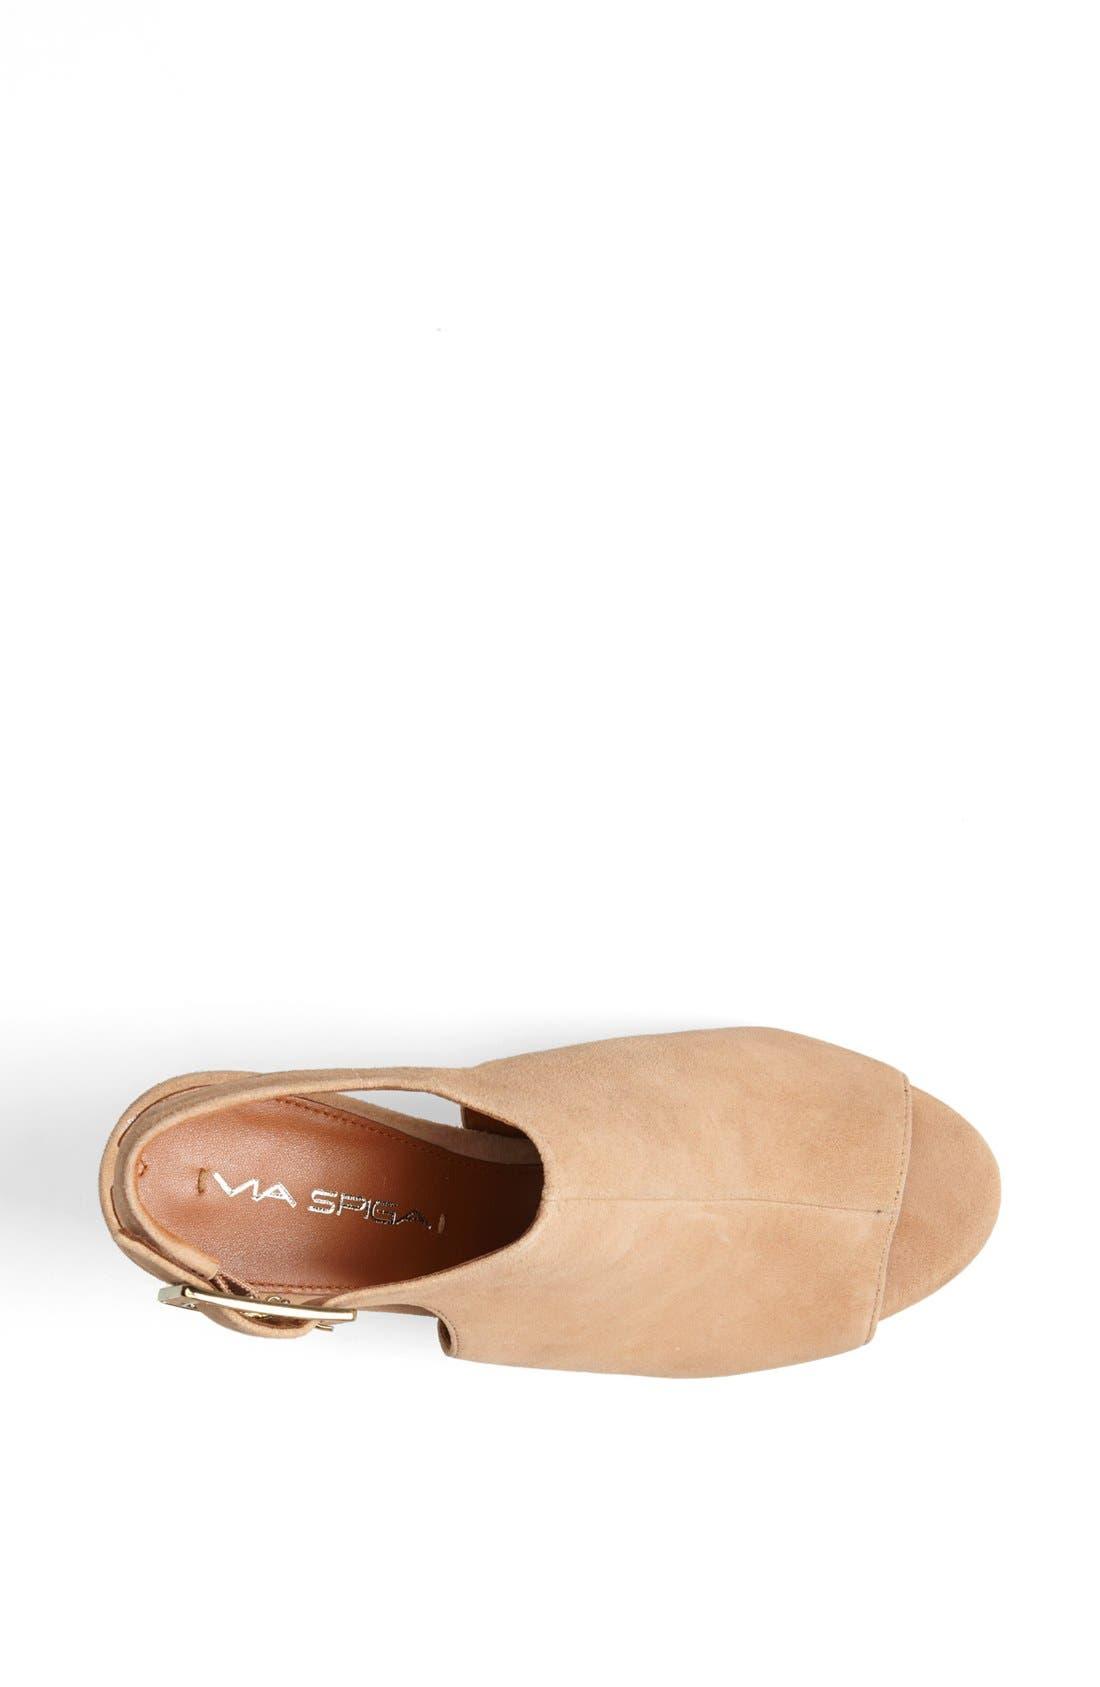 'Nino' Ankle Strap Sandal,                             Alternate thumbnail 3, color,                             Desert Suede